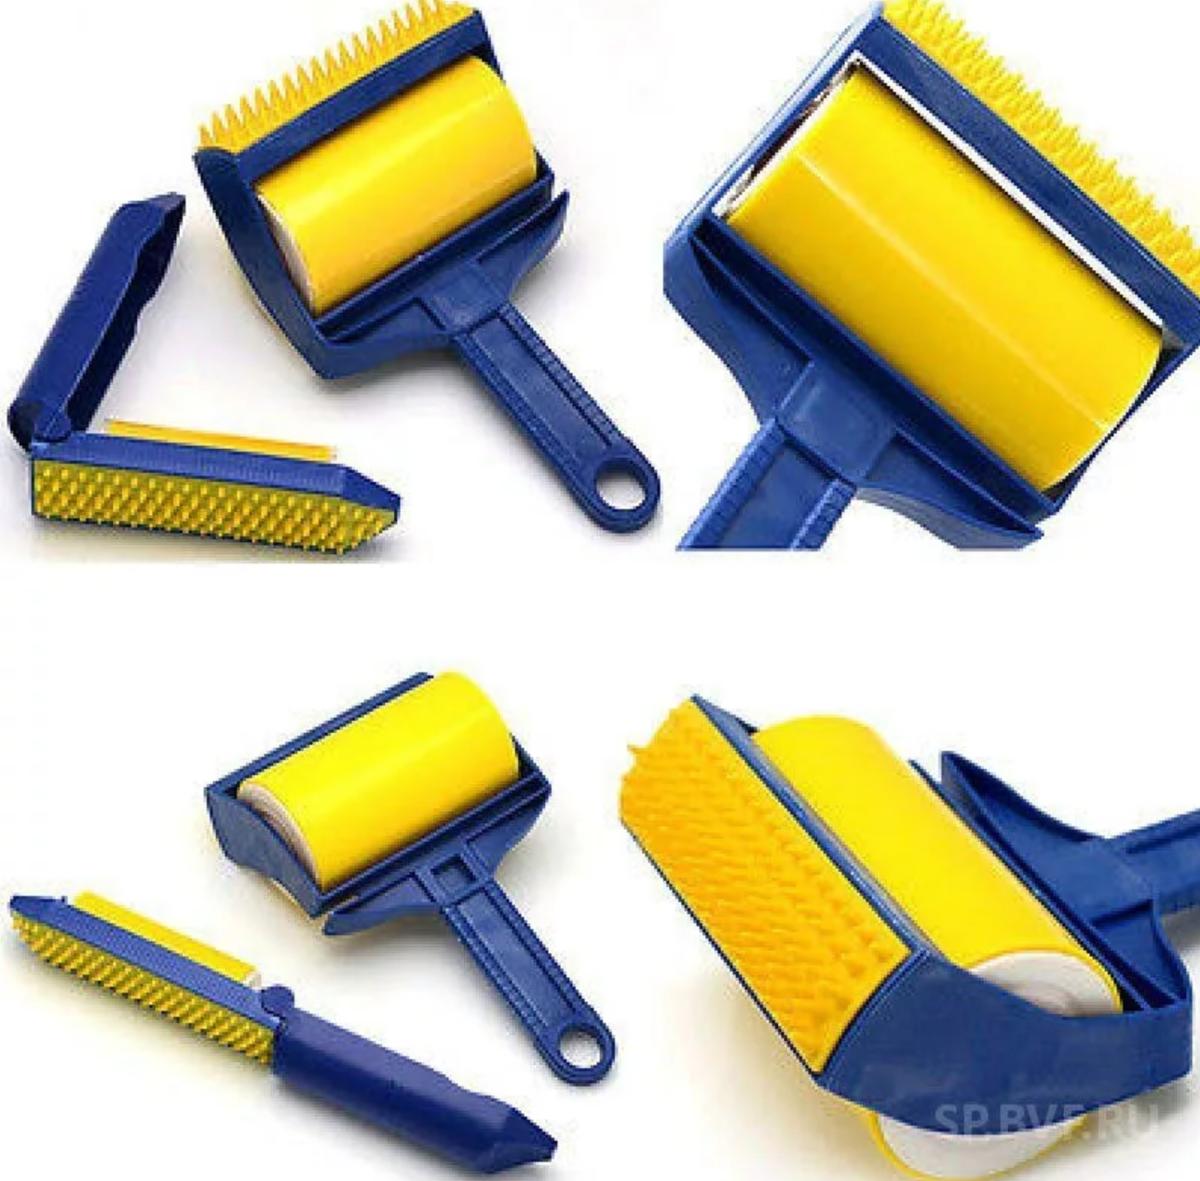 Sticky Buddy - Набор профессиональных силиконовых валиков для уборки в Одинцово